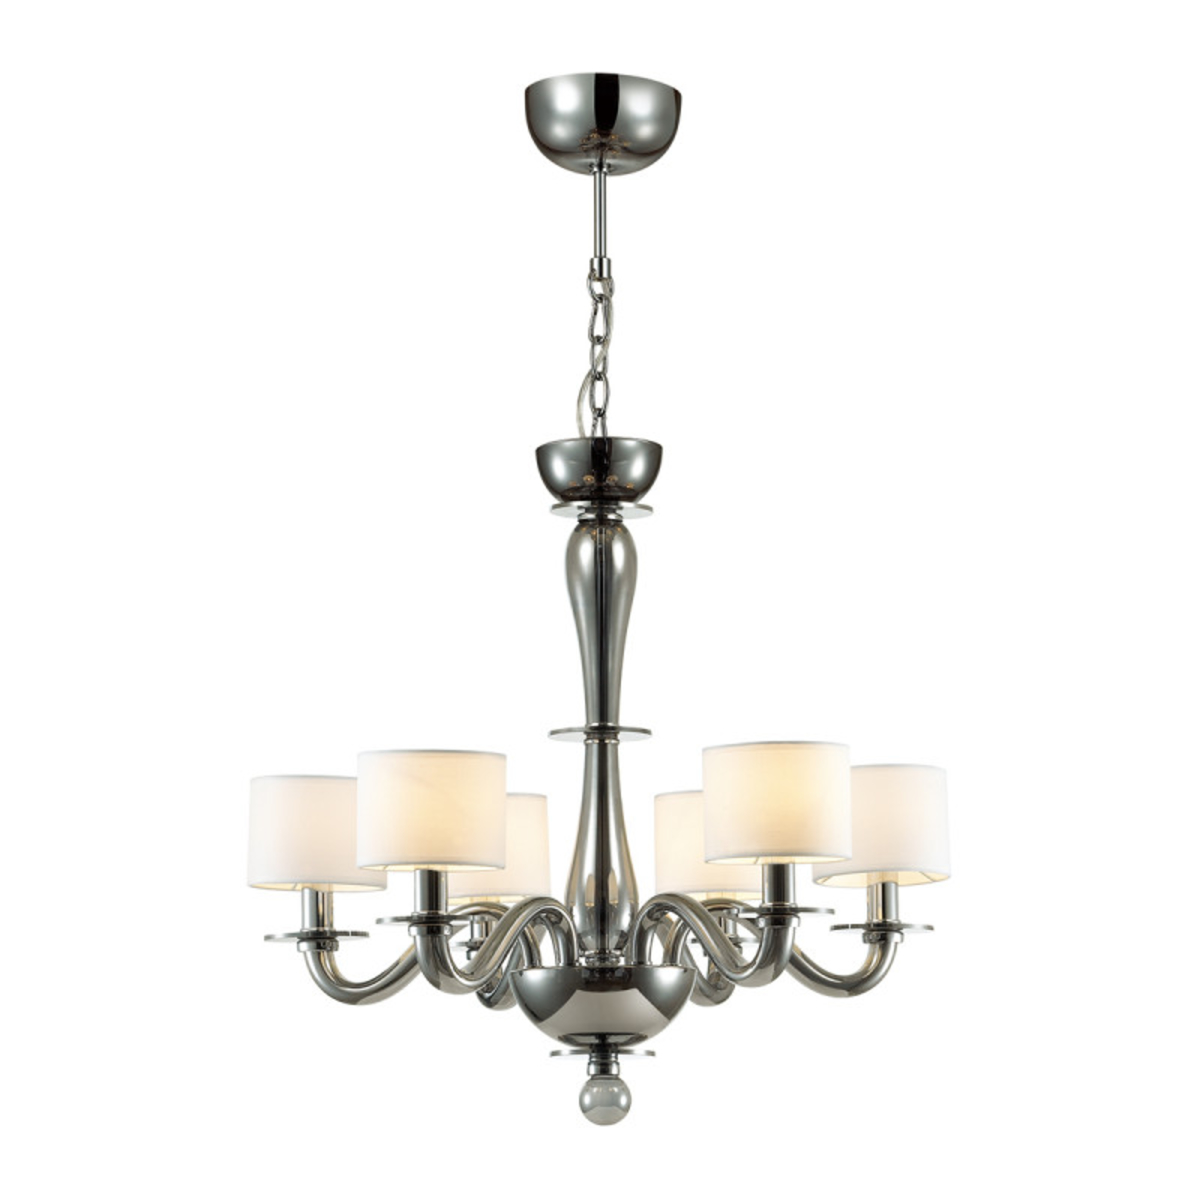 Купить Подвесная люстра LAURA Подвесная люстра Odeon Light 4196/6 (15506), HomeMe